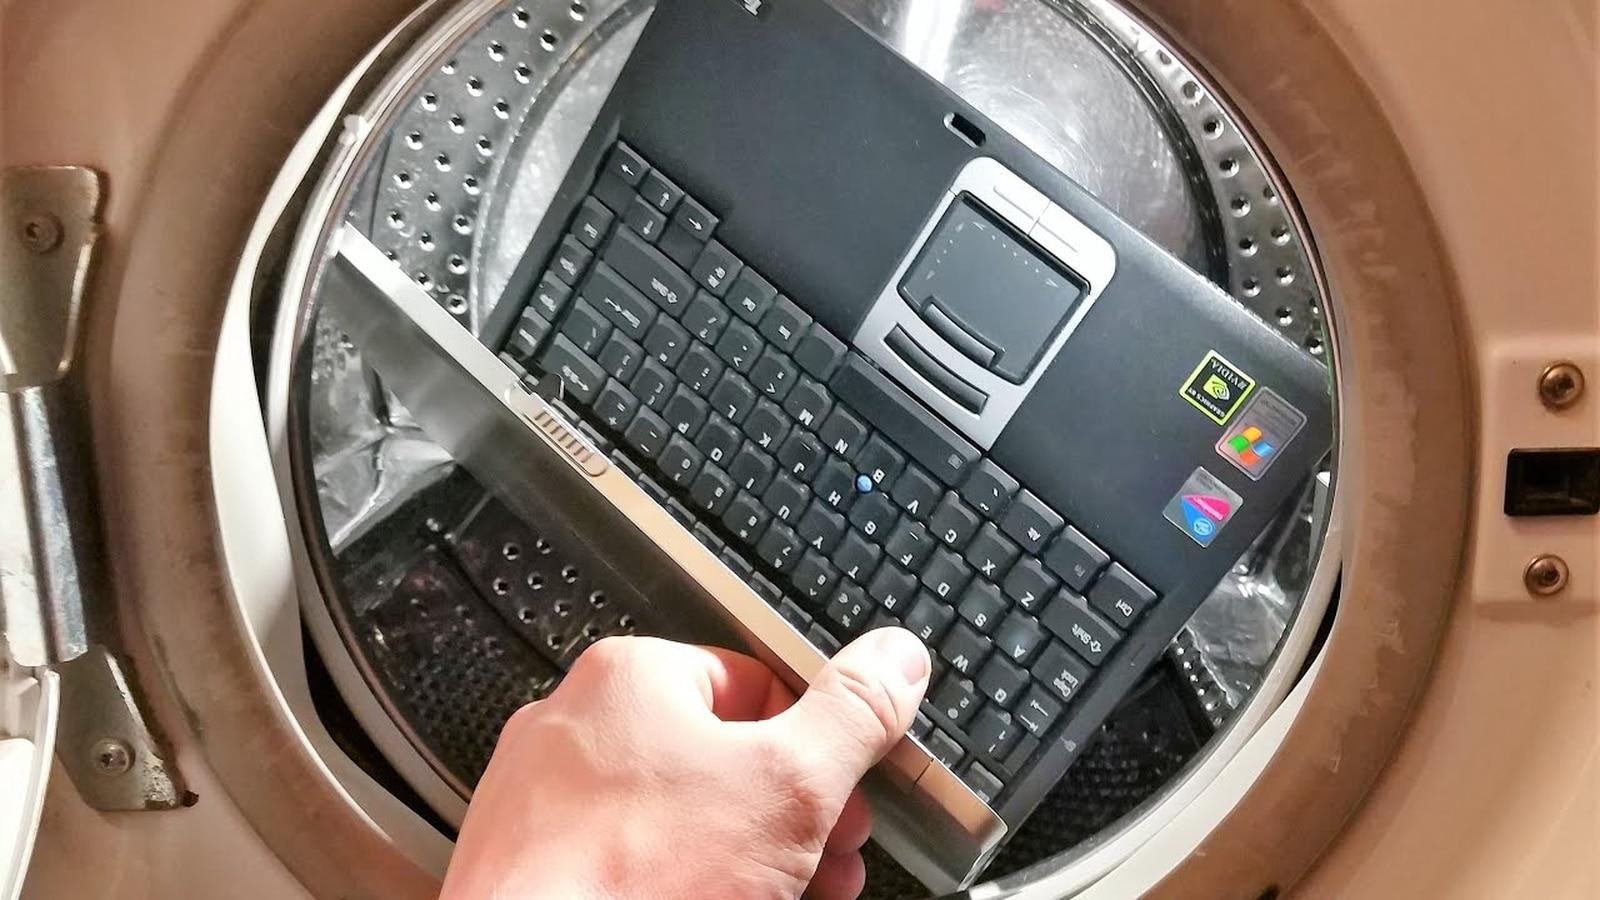 laptop in washing machine